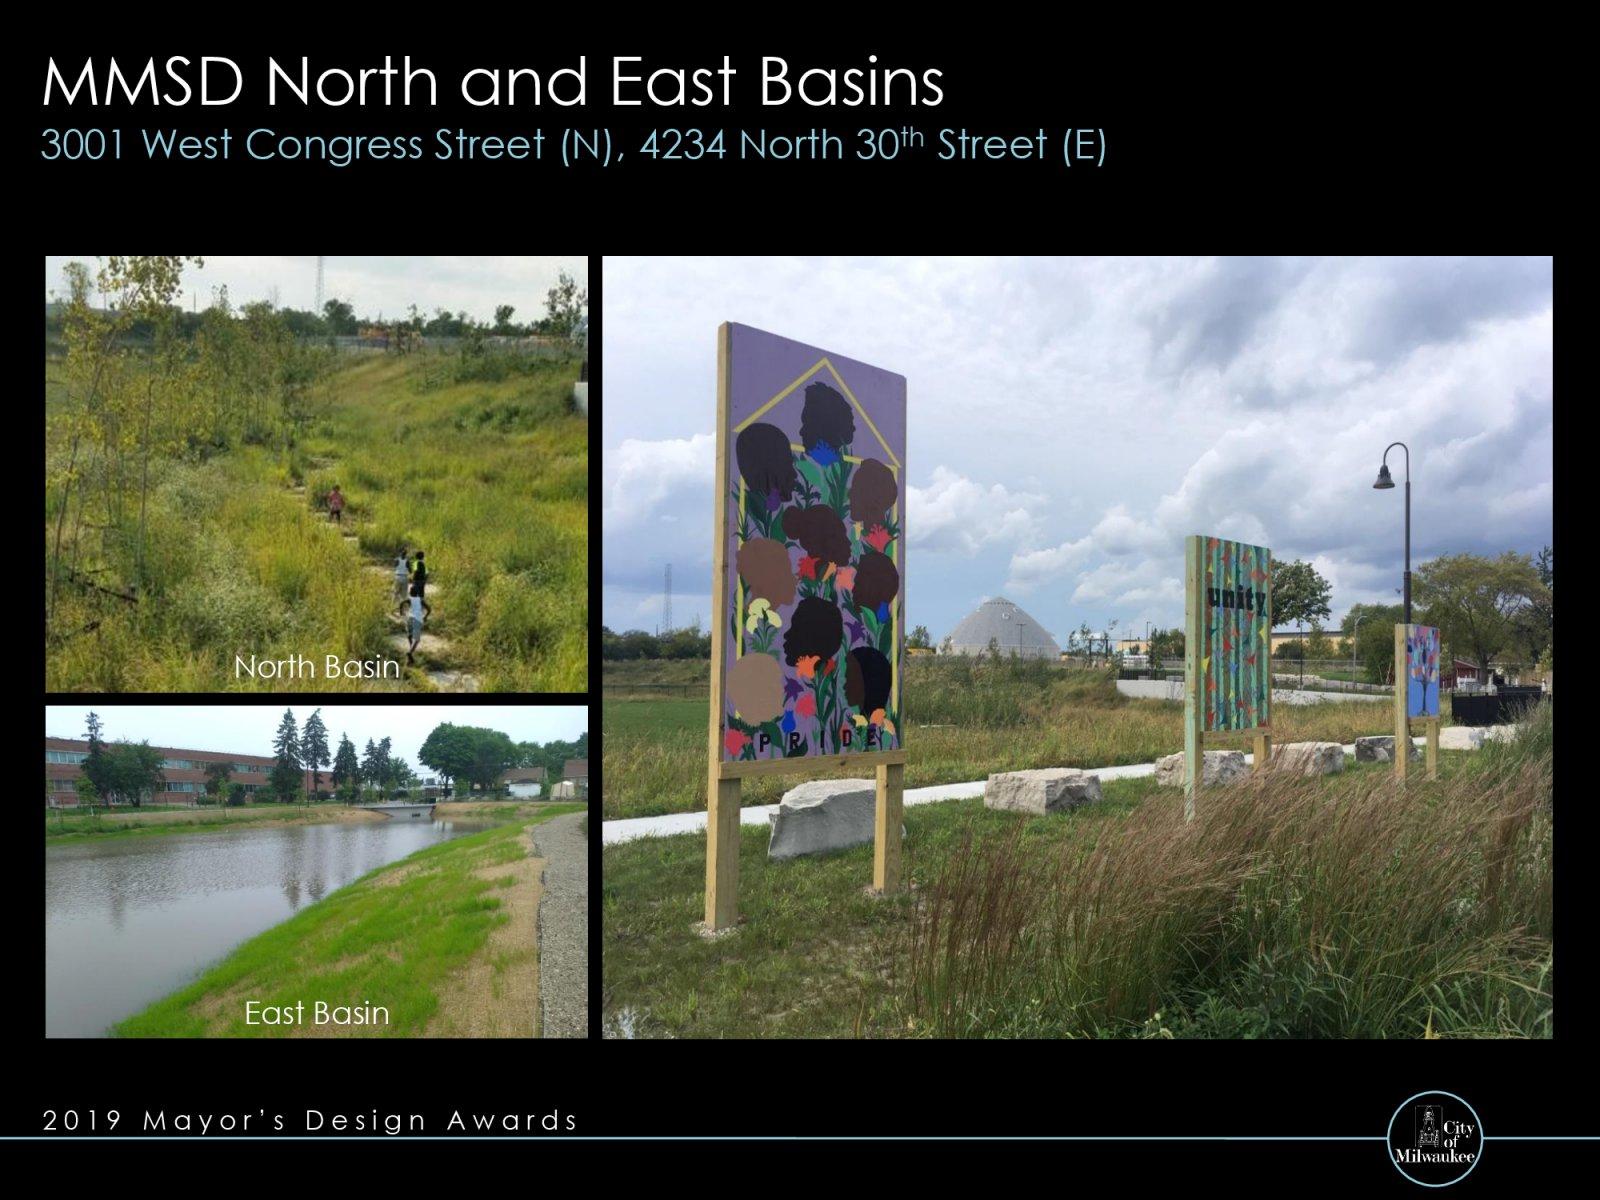 MMSD Basins